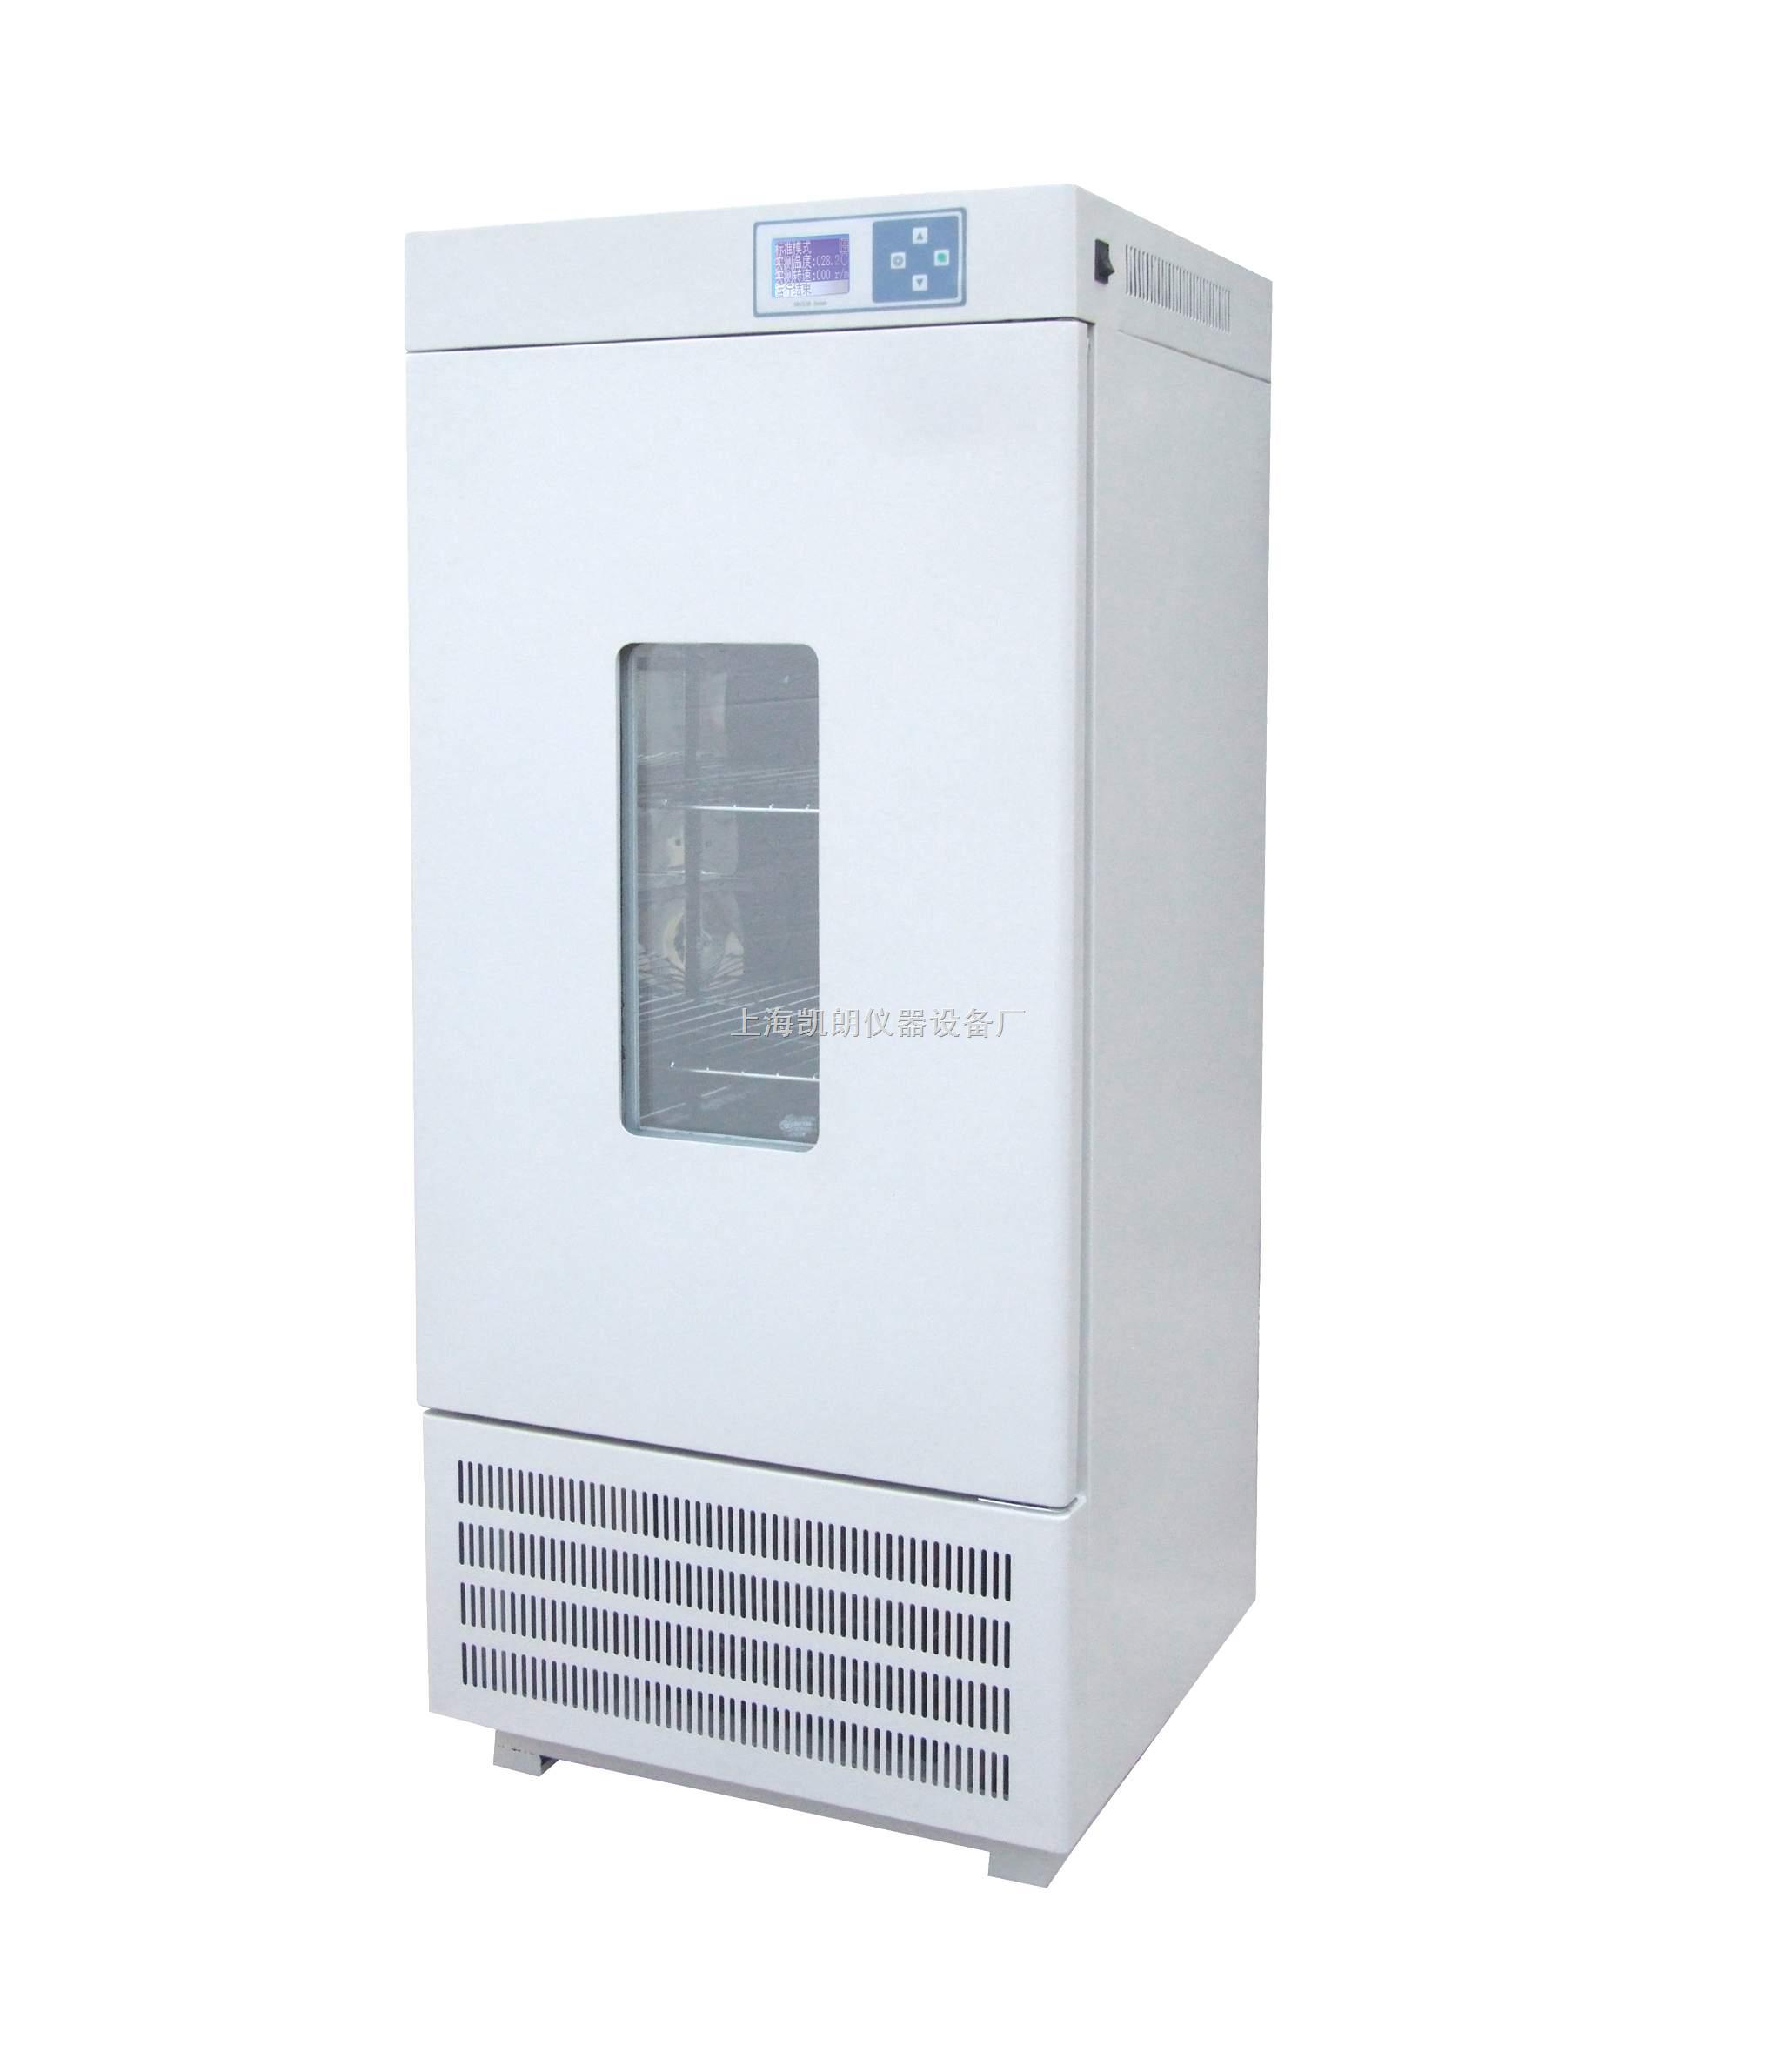 低温生化培养箱 低温培养箱 培养箱 细胞培养箱 微生物培养箱